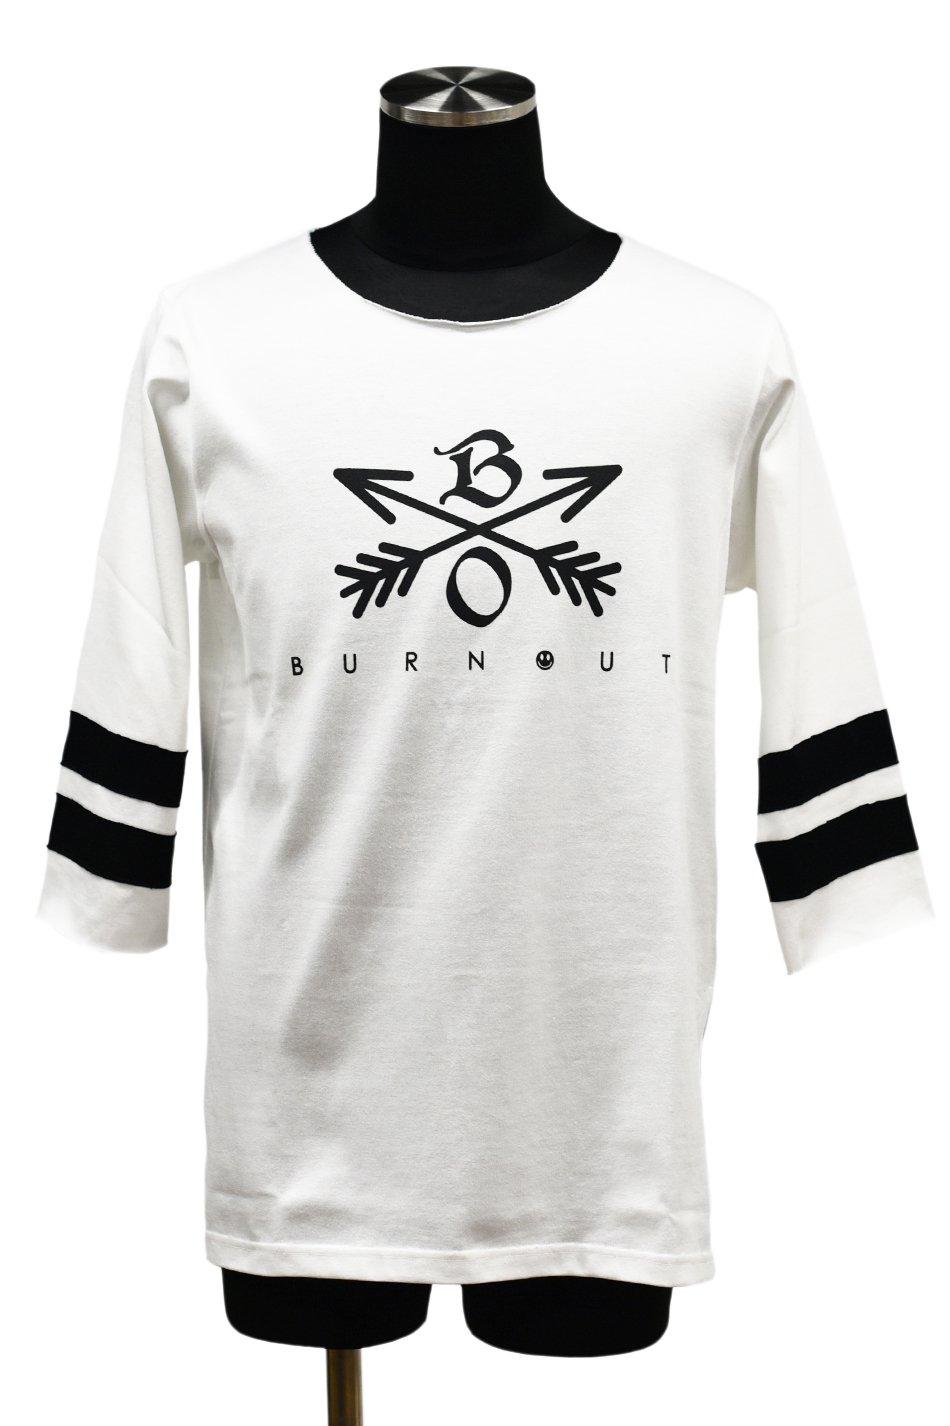 Burnout(バーンアウト)Crossed Arrows 3/4 スリーブ ヘビーウェイトTシャツ / ホワイト